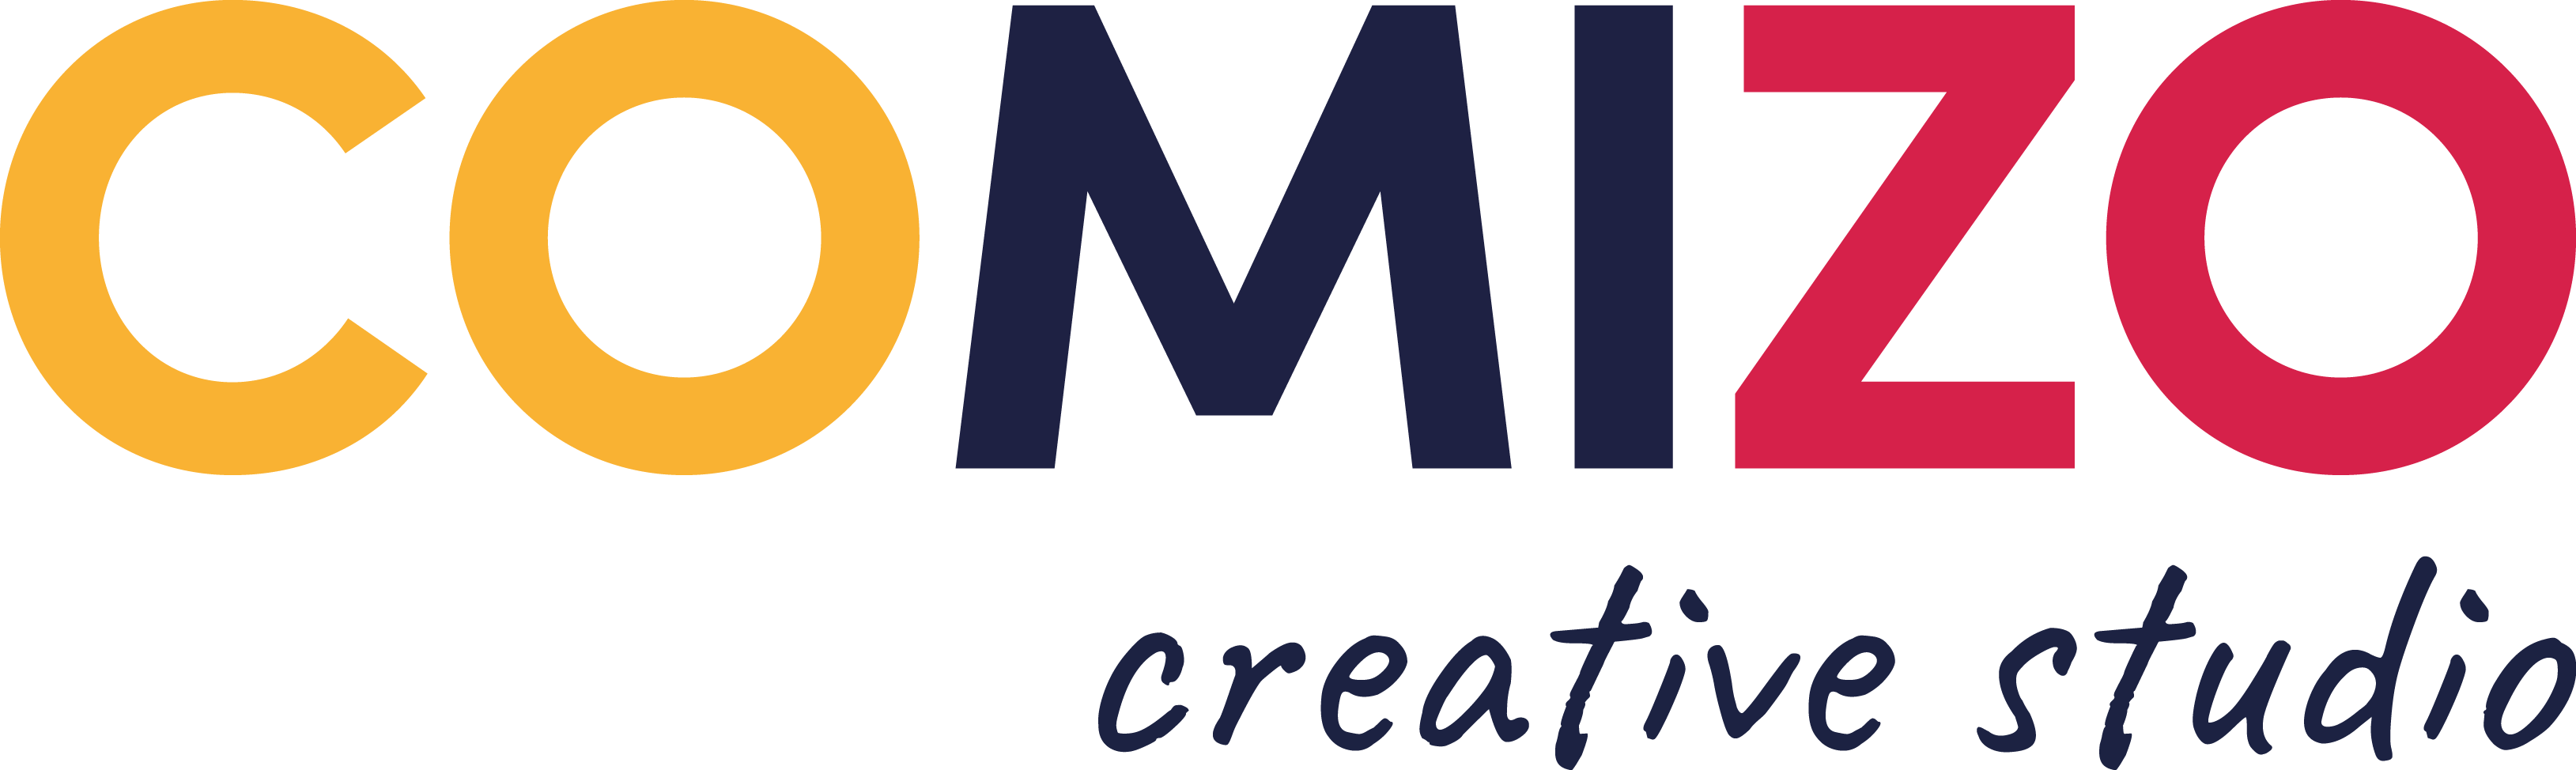 COMIZO creative studio